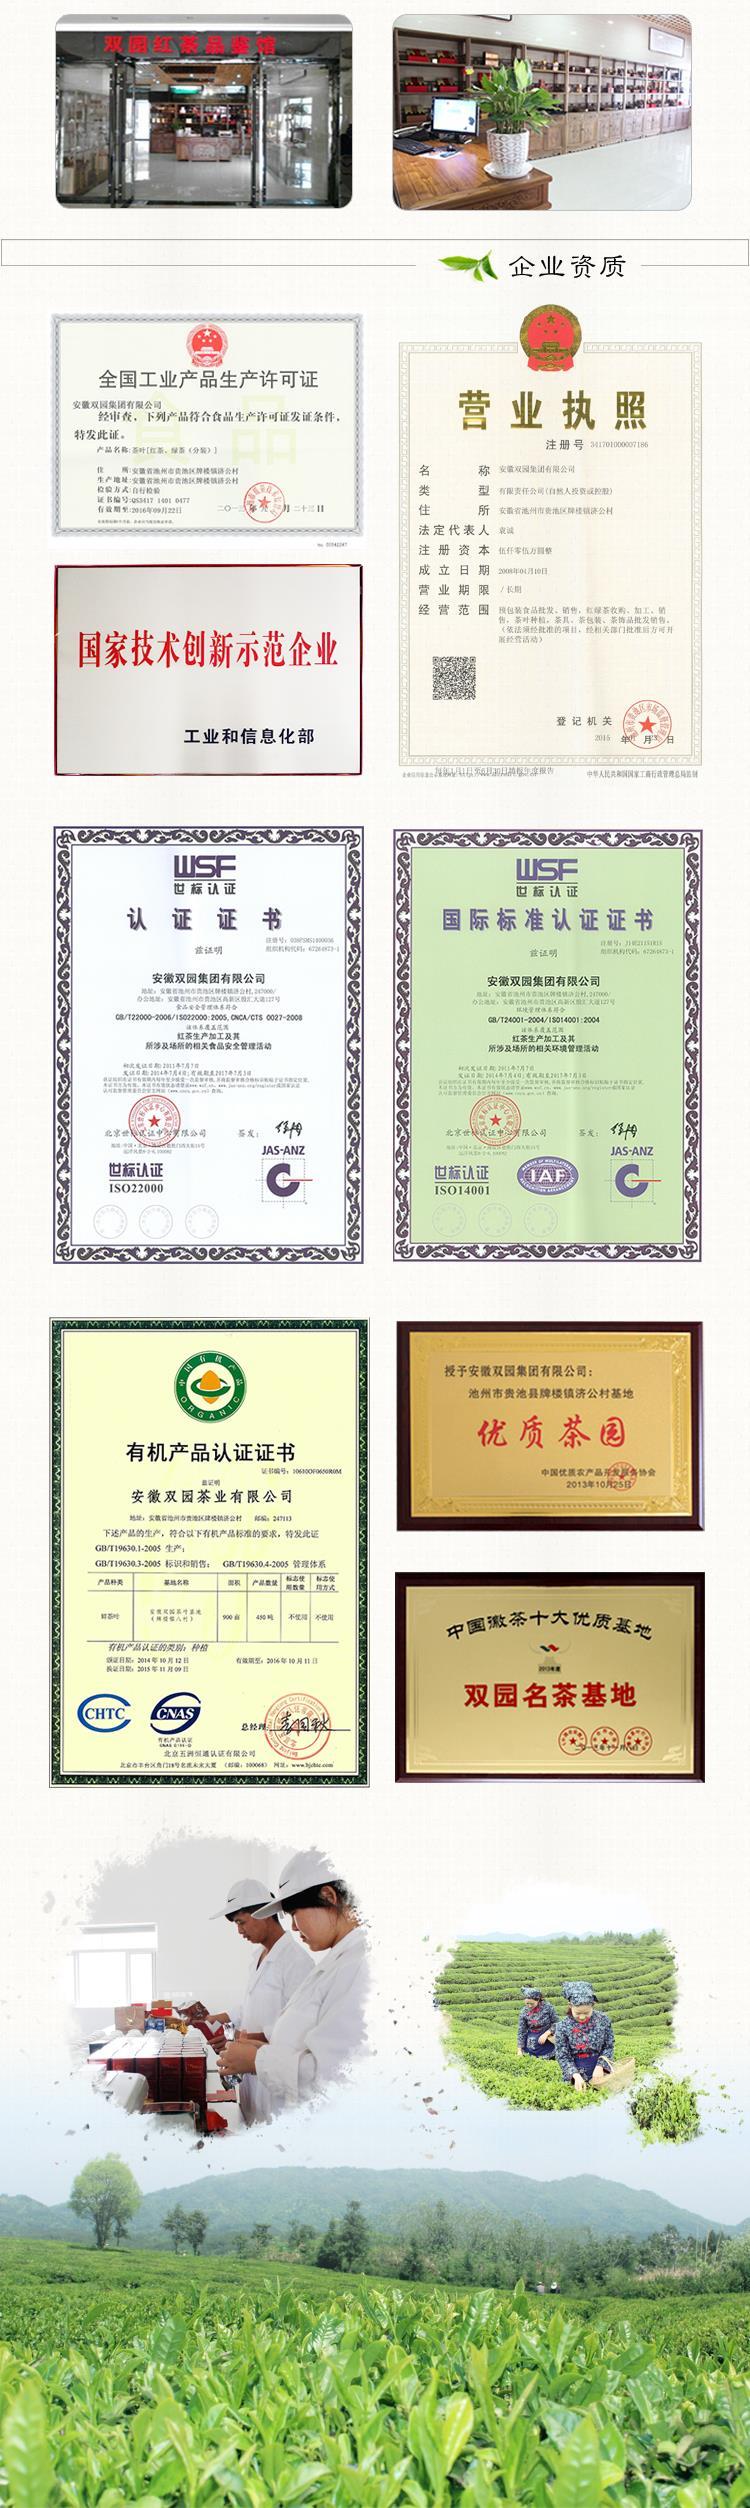 九华红新品详情页-3.jpg